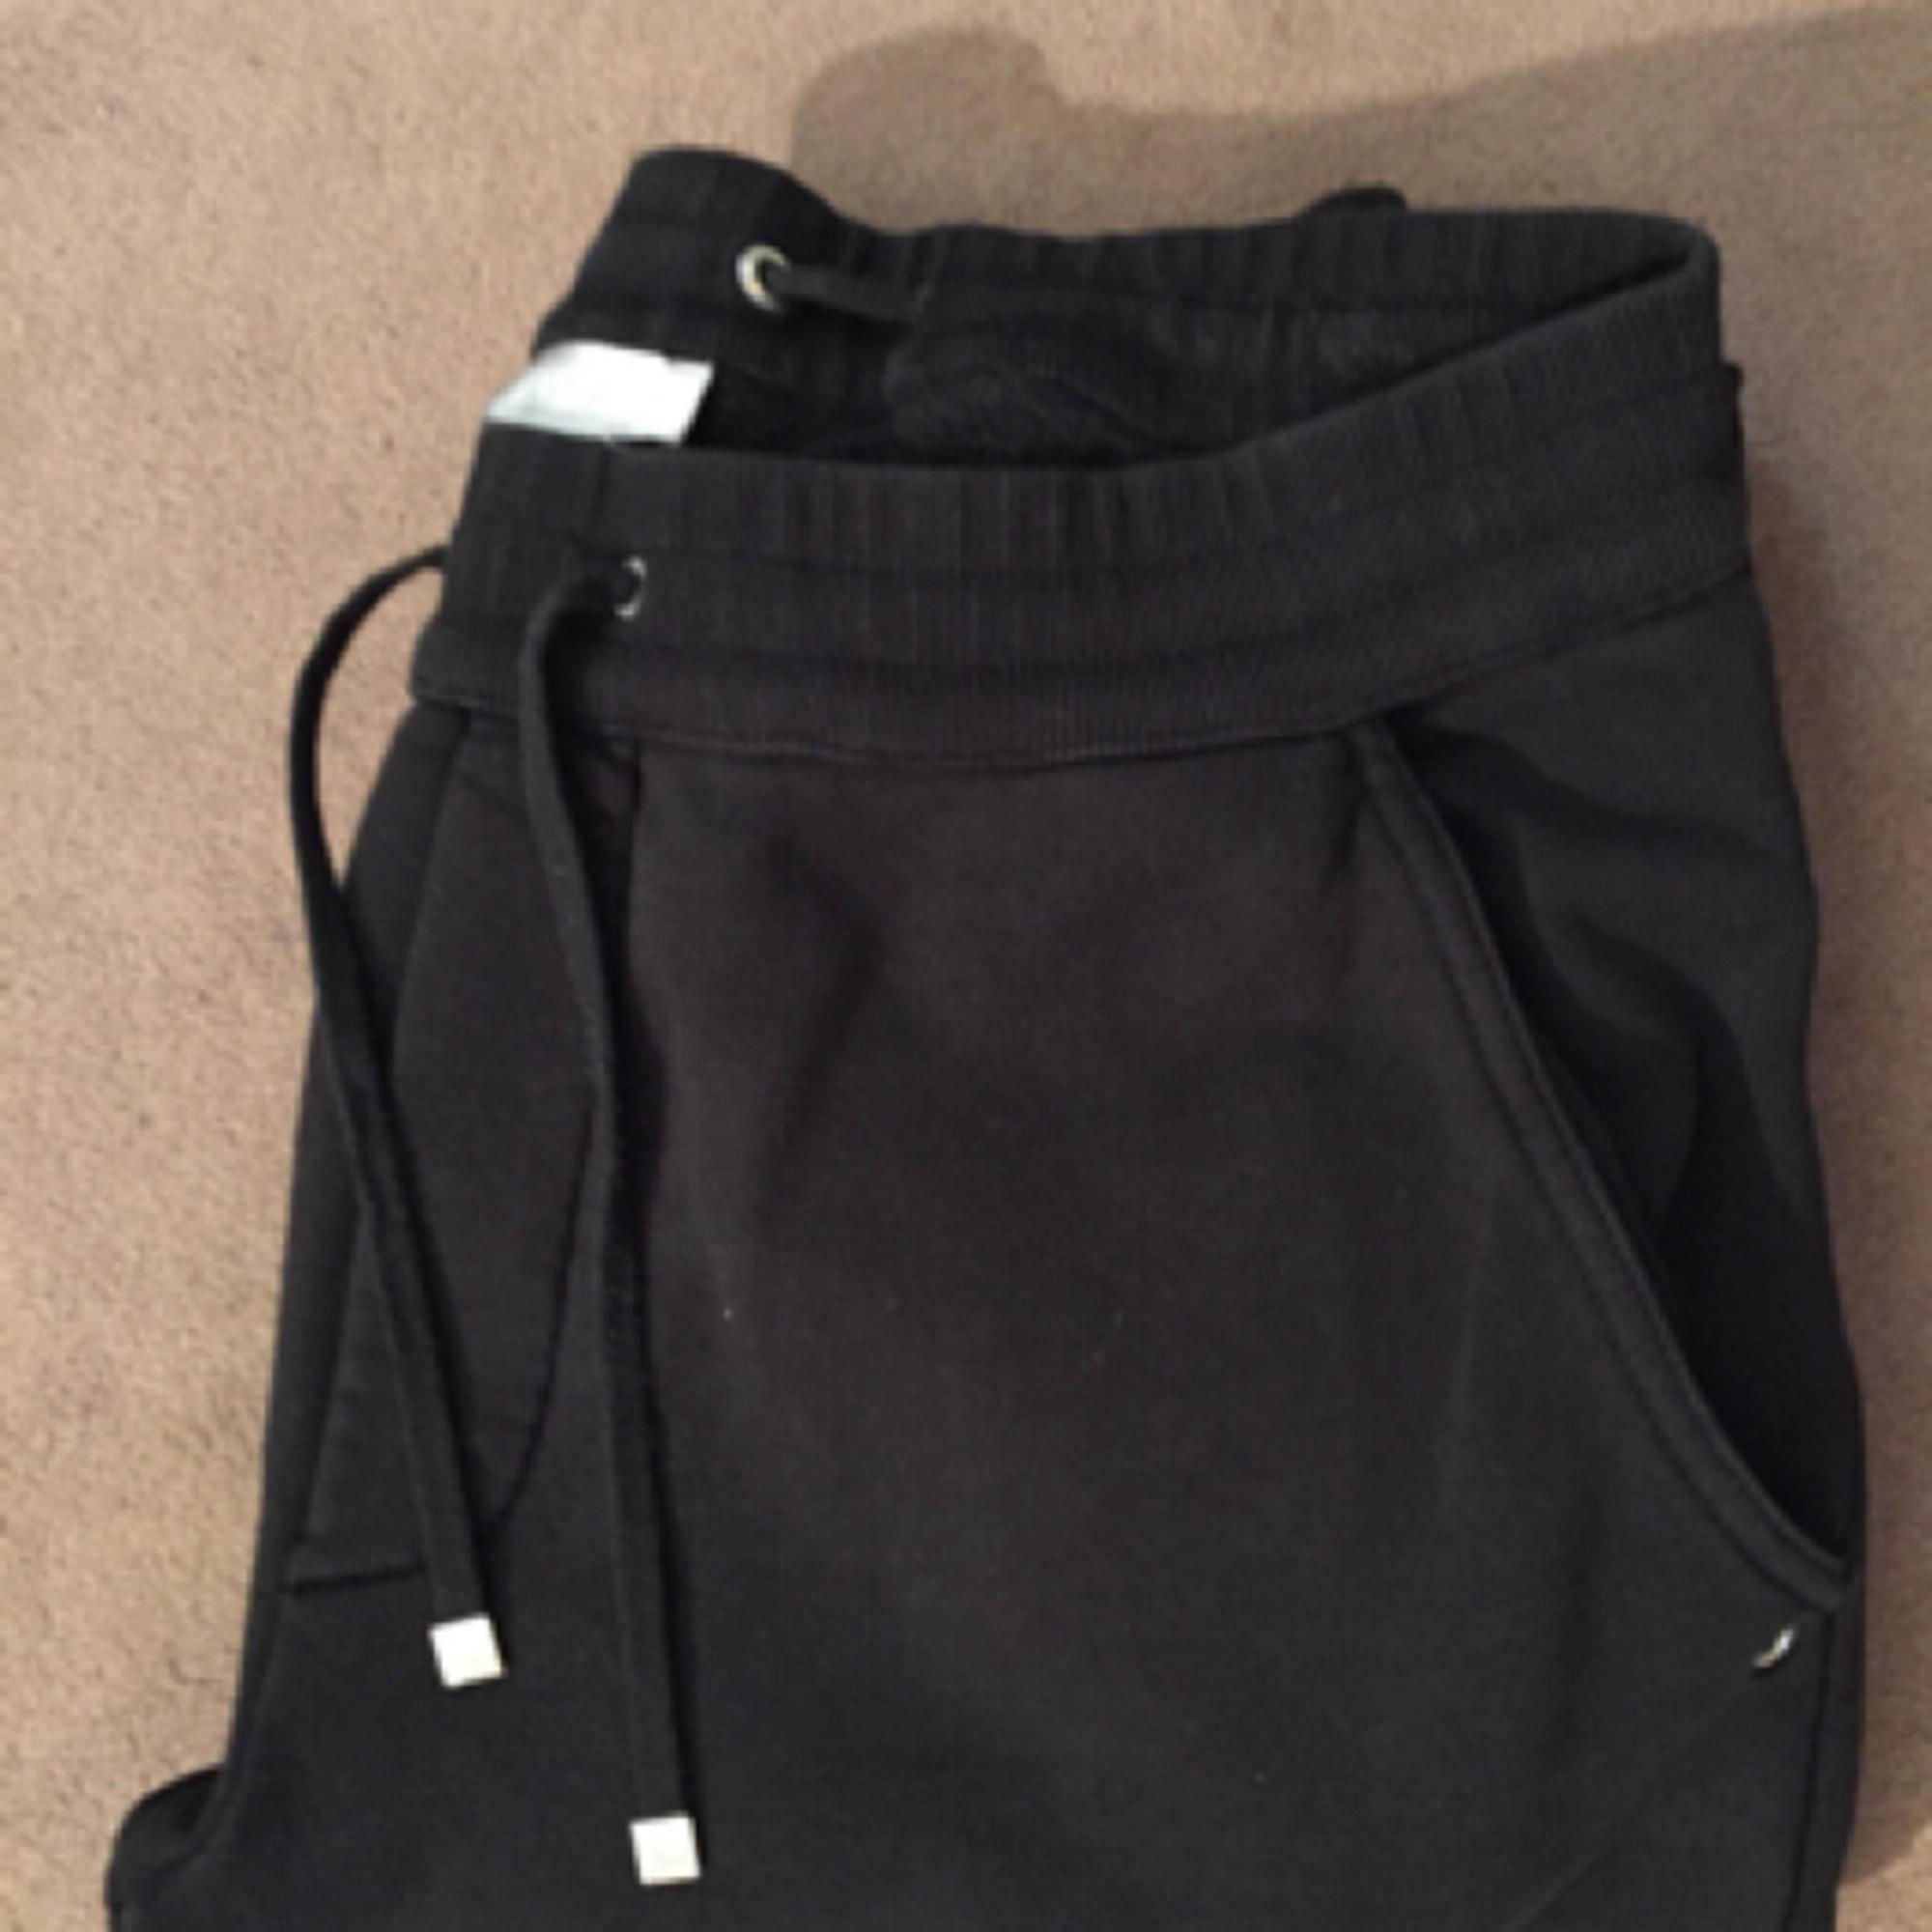 Pantalon de survêtement DIOR HOMME 44 (S) noir vendu par Hankmoody ... 8b091197d0a